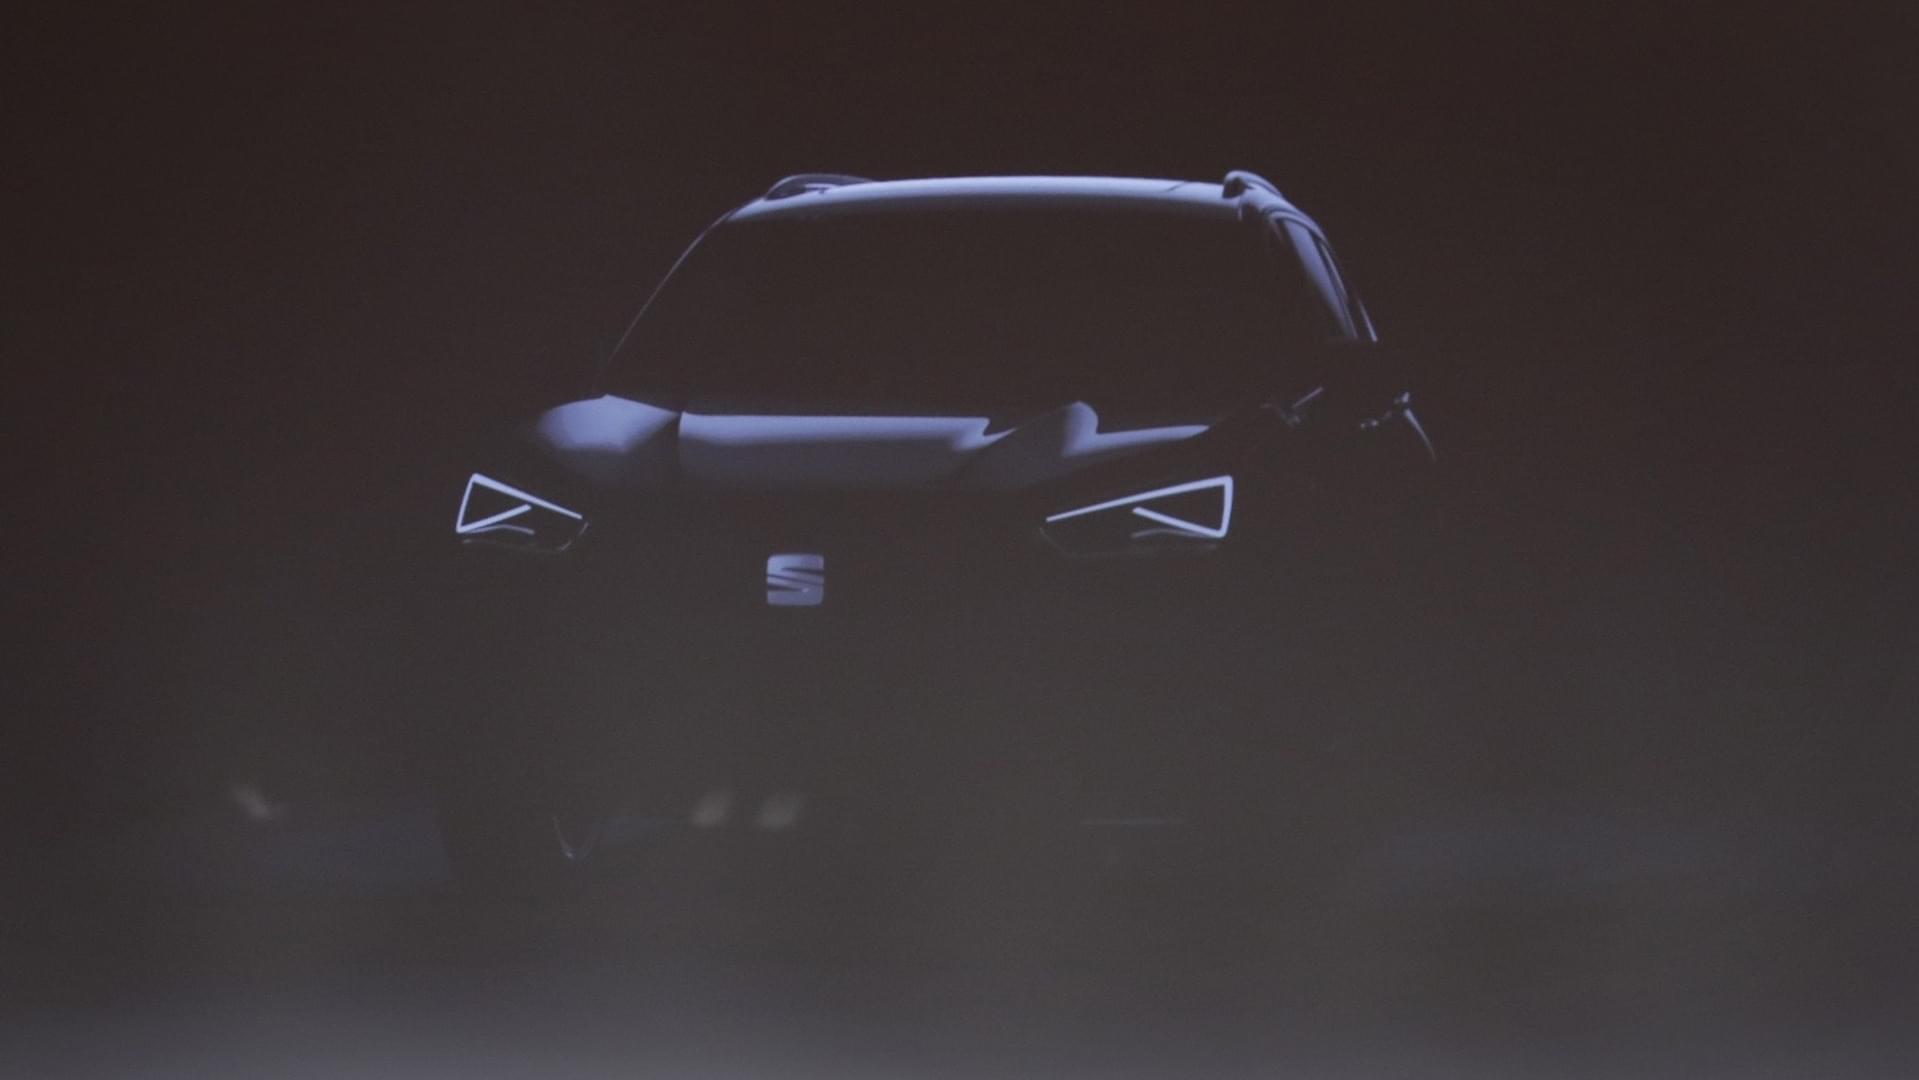 基于MQB平台打造 西雅特新中型SUV预览图